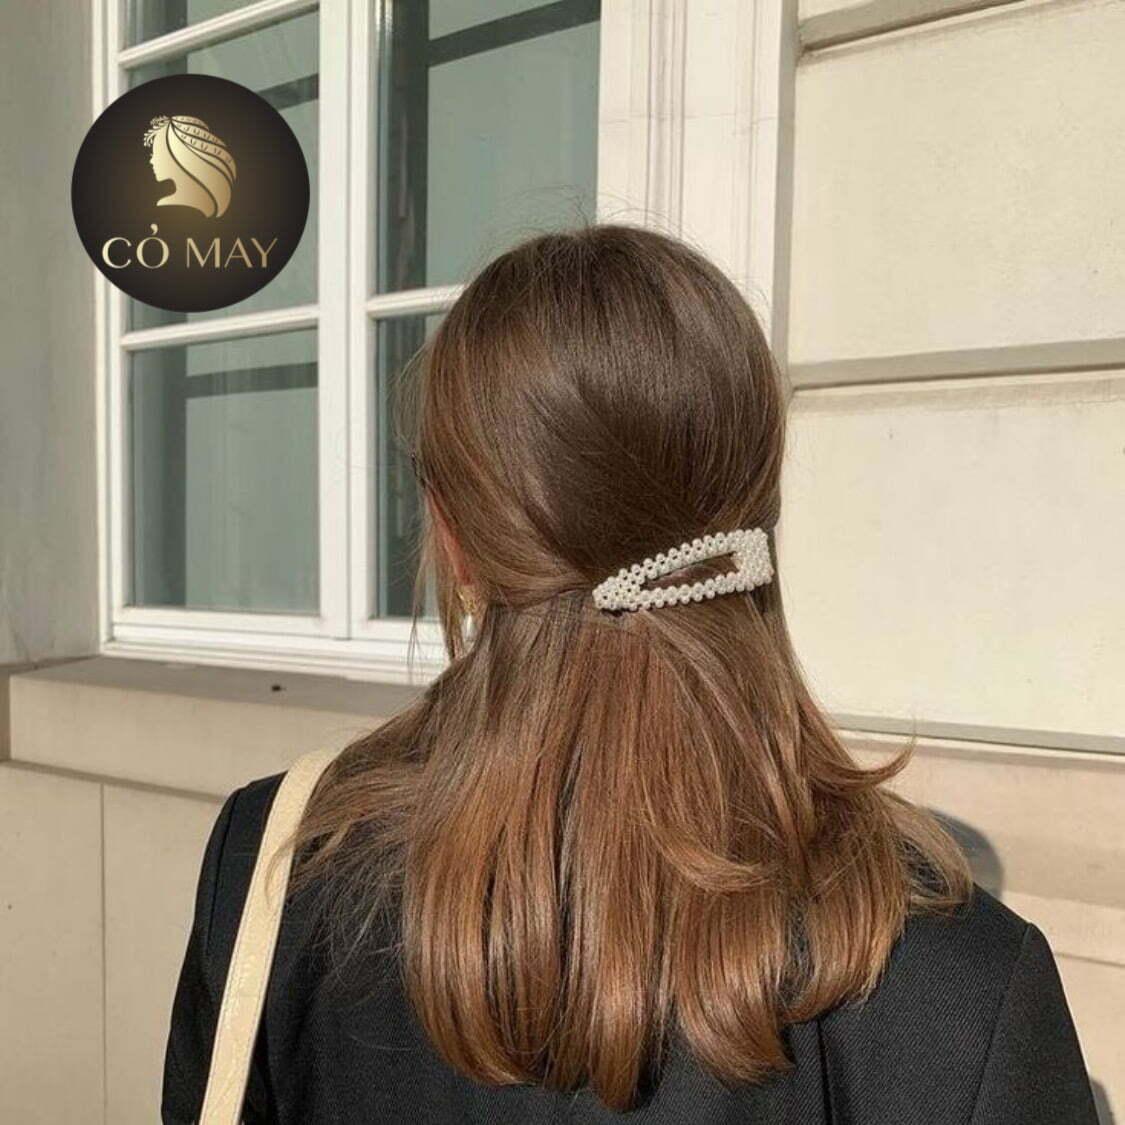 Cỏ May Hair: Nàng Đã Bỏ Sót Những Cách Trị Tóc Mỏng Và Thưa?